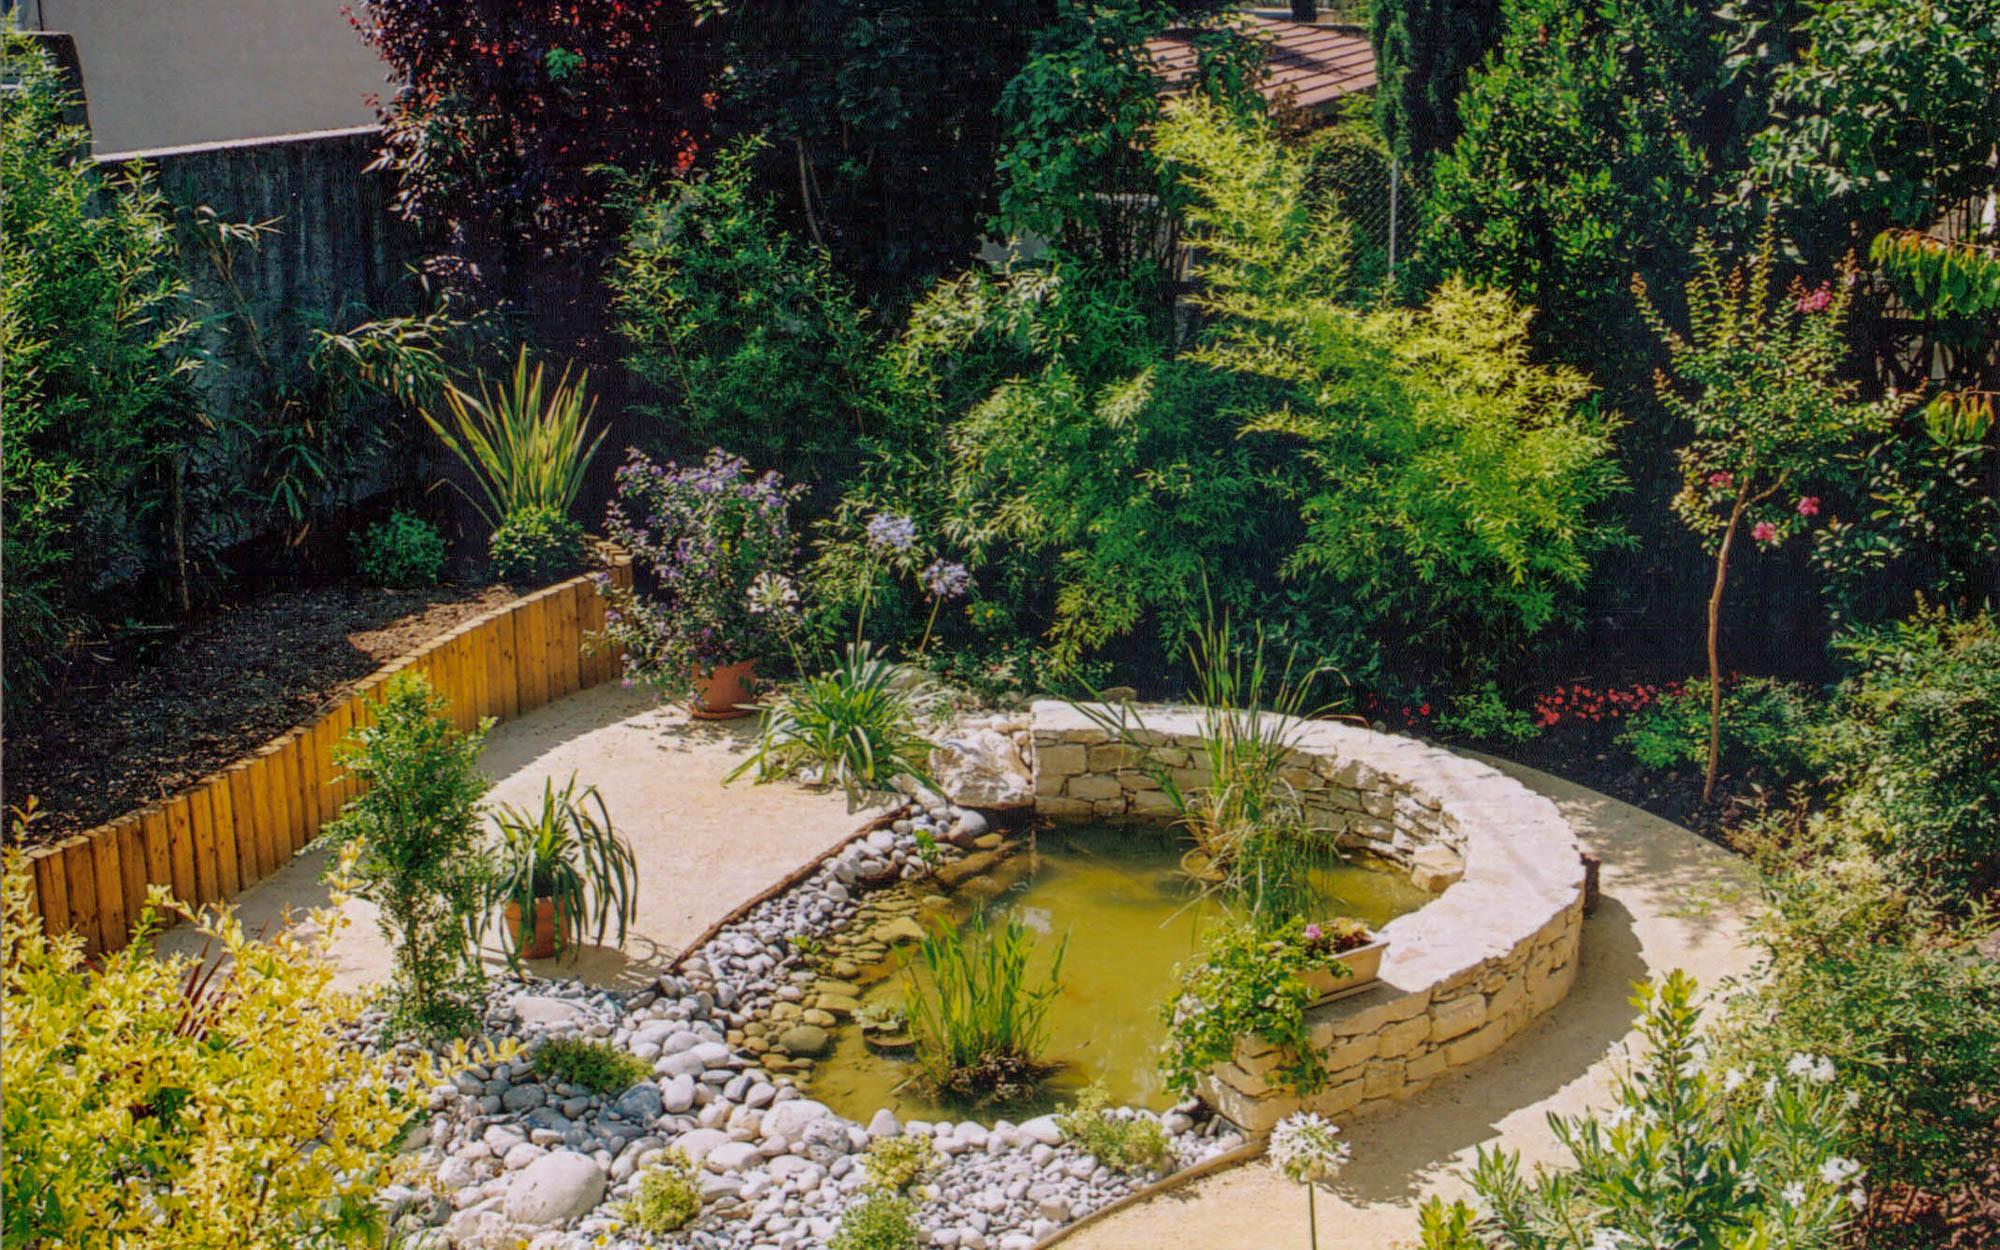 Bassins et fontaines valente - Amenagement bassin de jardin ...